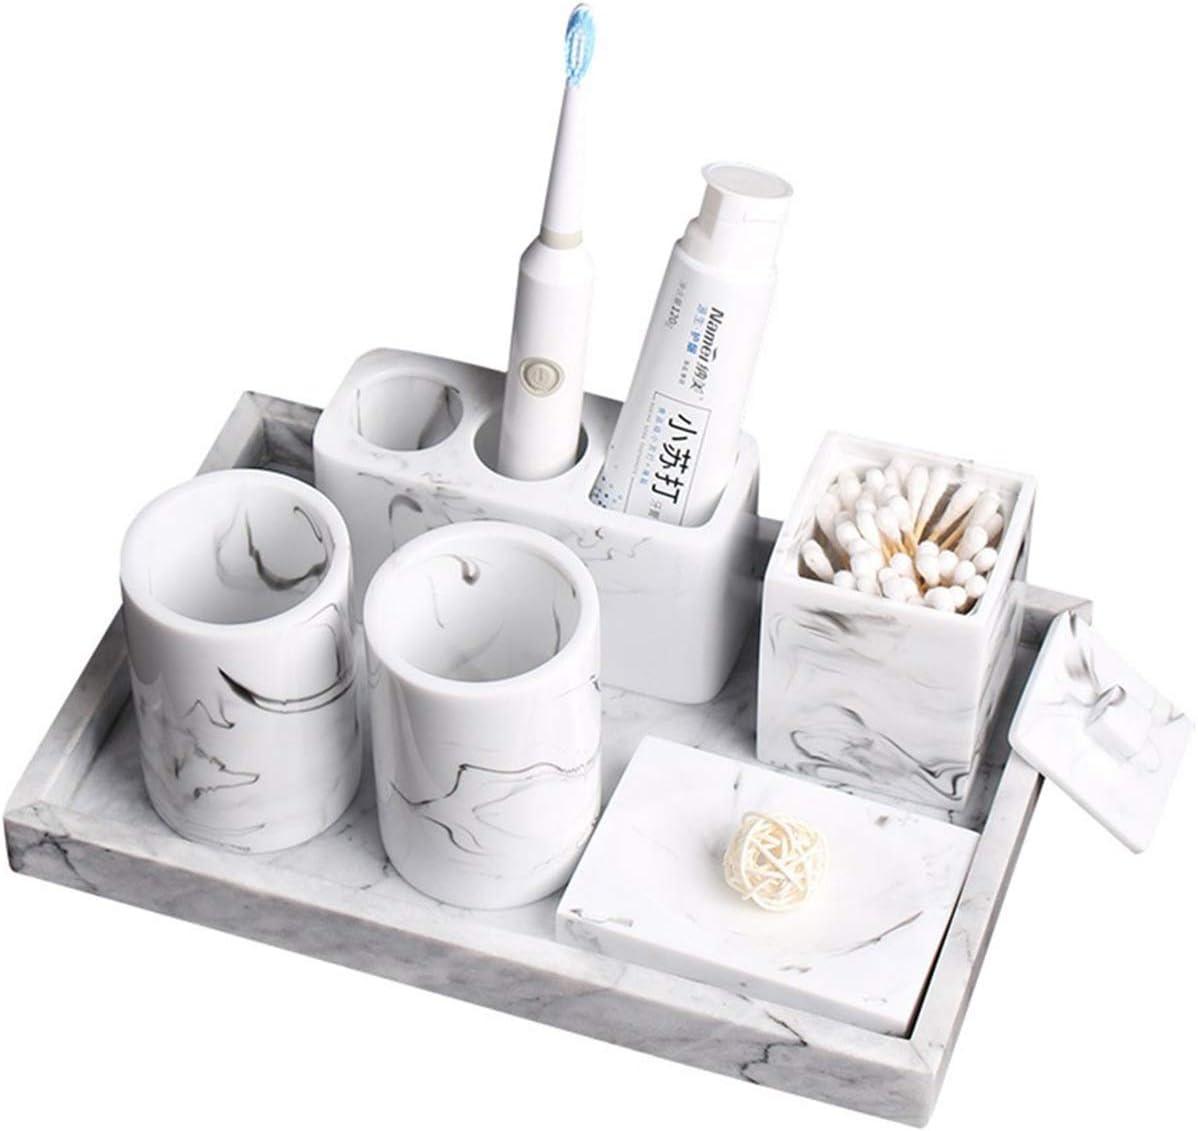 Yiyida 5-teilig Badezimmer Set mit Marmor Effekt Seifenspender Zahnb/ürstenhalter Zahnputzbecher Seifenschale Bad Accessoire Set f/ür Hotel /& Hause